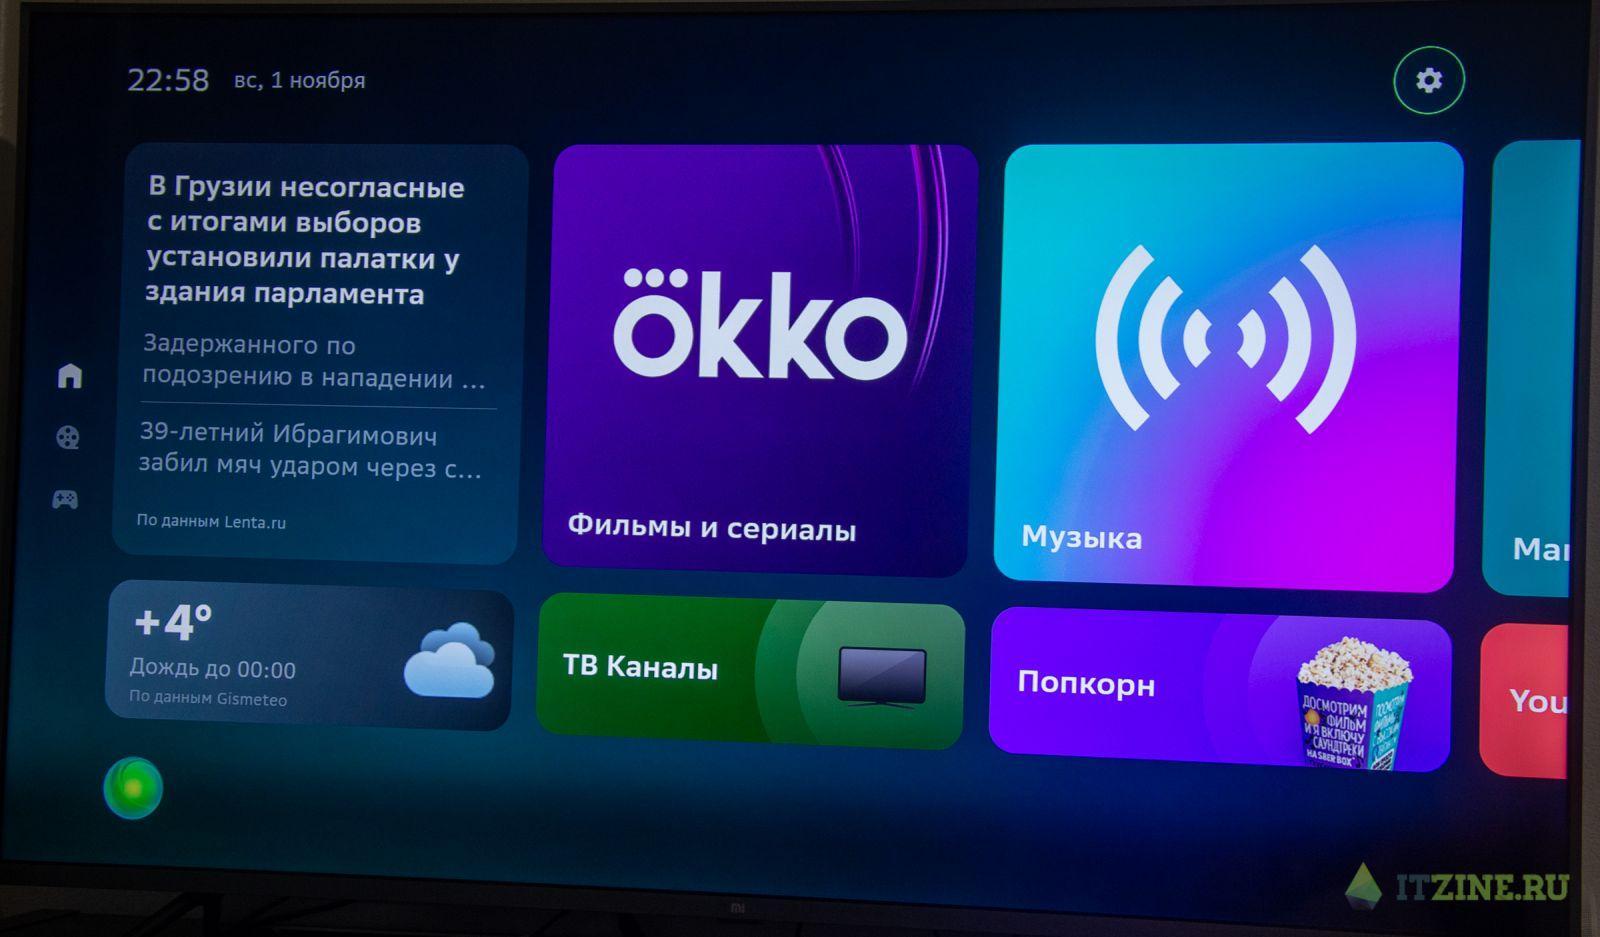 Обзор SberBox: три ассистента для одного телевизора (DSC 9729)